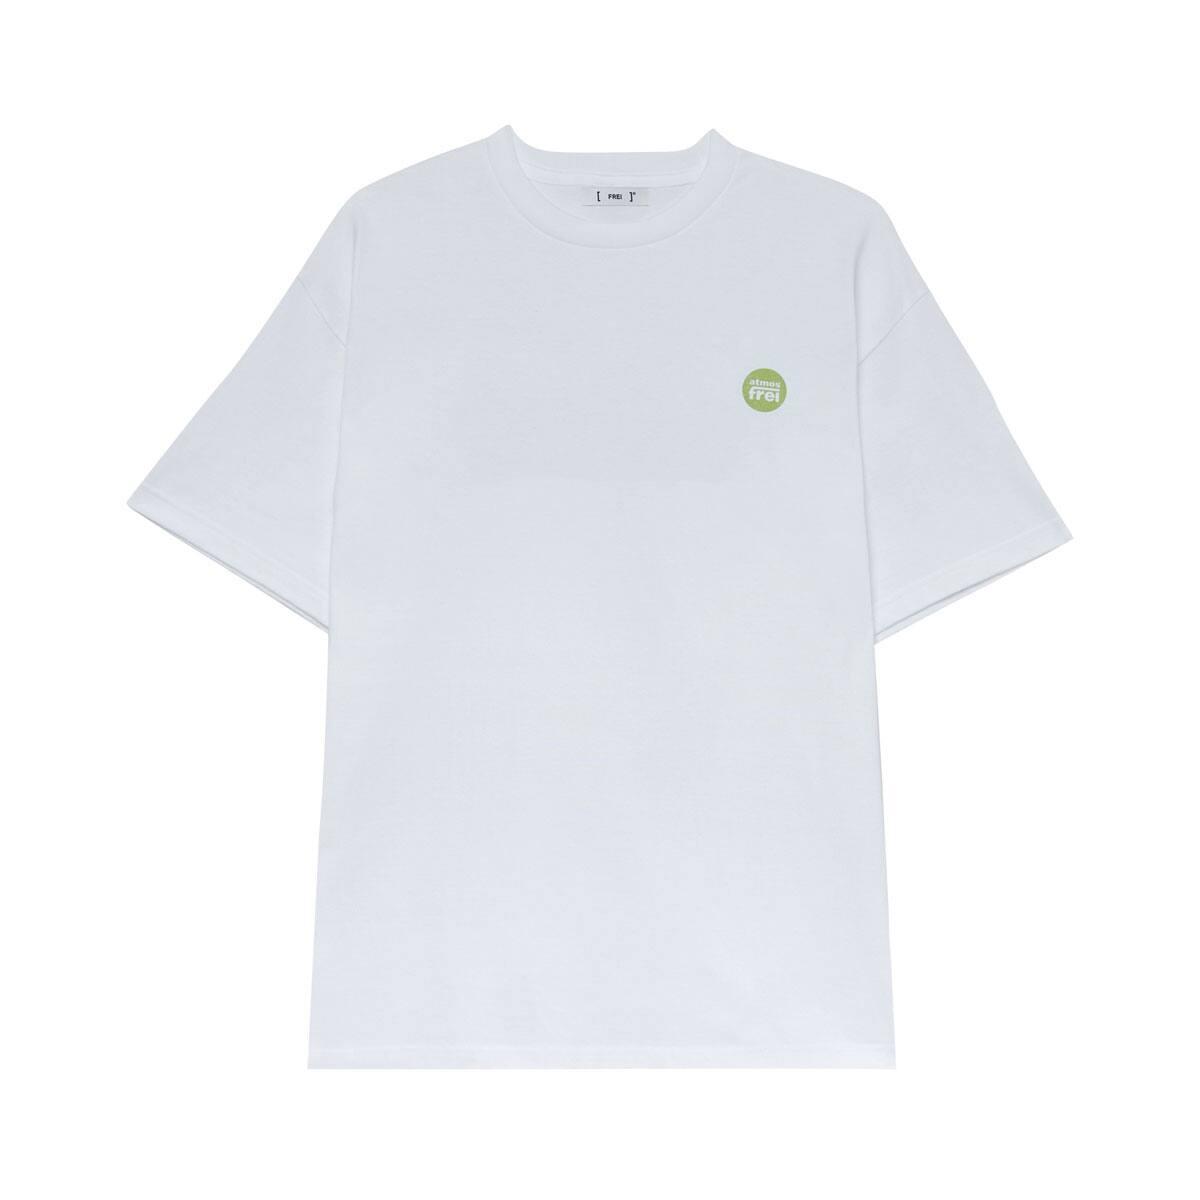 FREI X ATMOS POSTER T-SHIRT White 20SU-I_photo_large